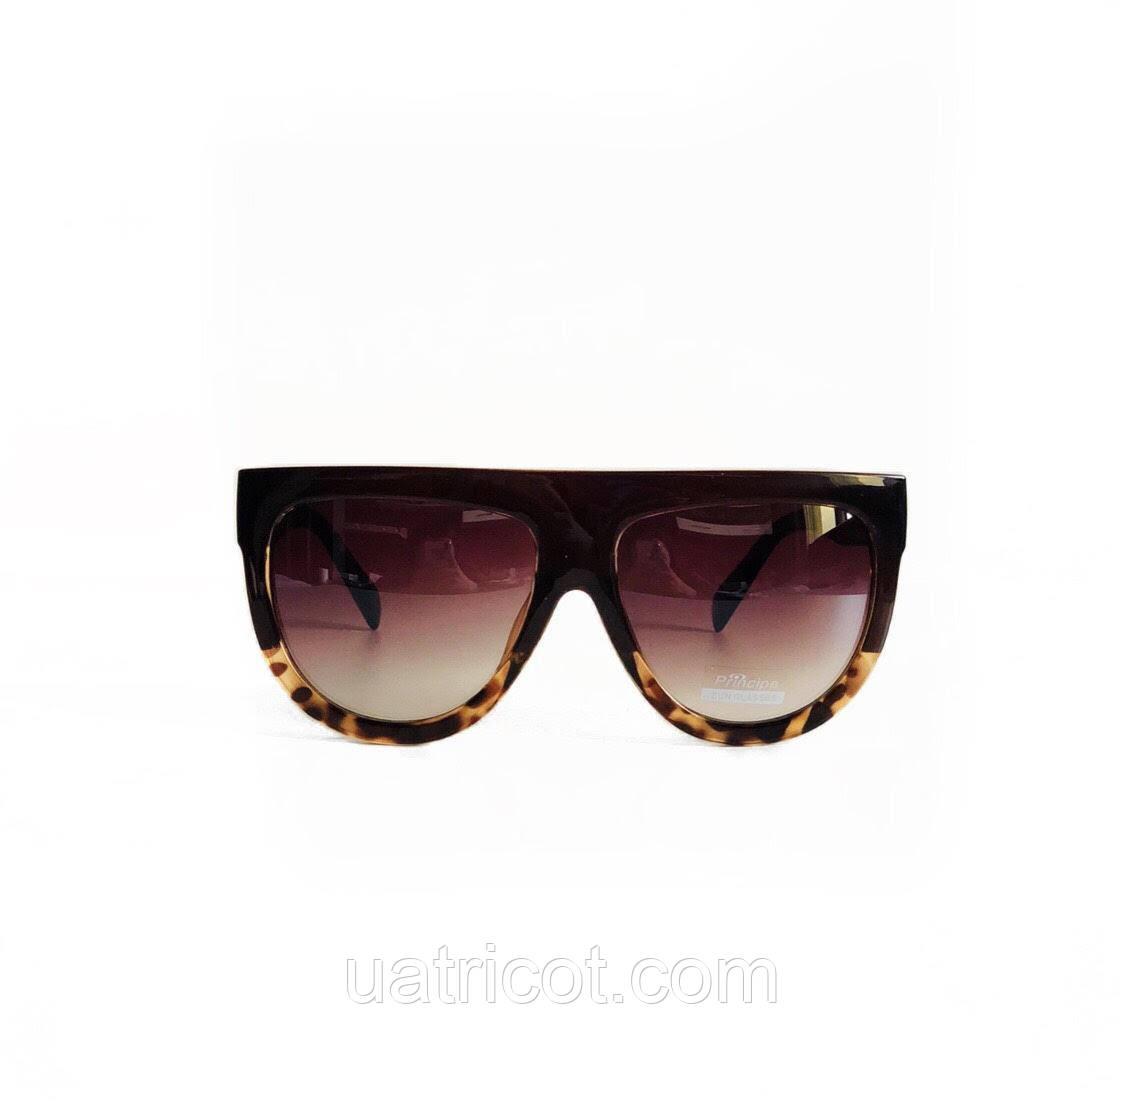 Женские солнцезащитные очки маска в коричневой оправе с коричневыми линзами